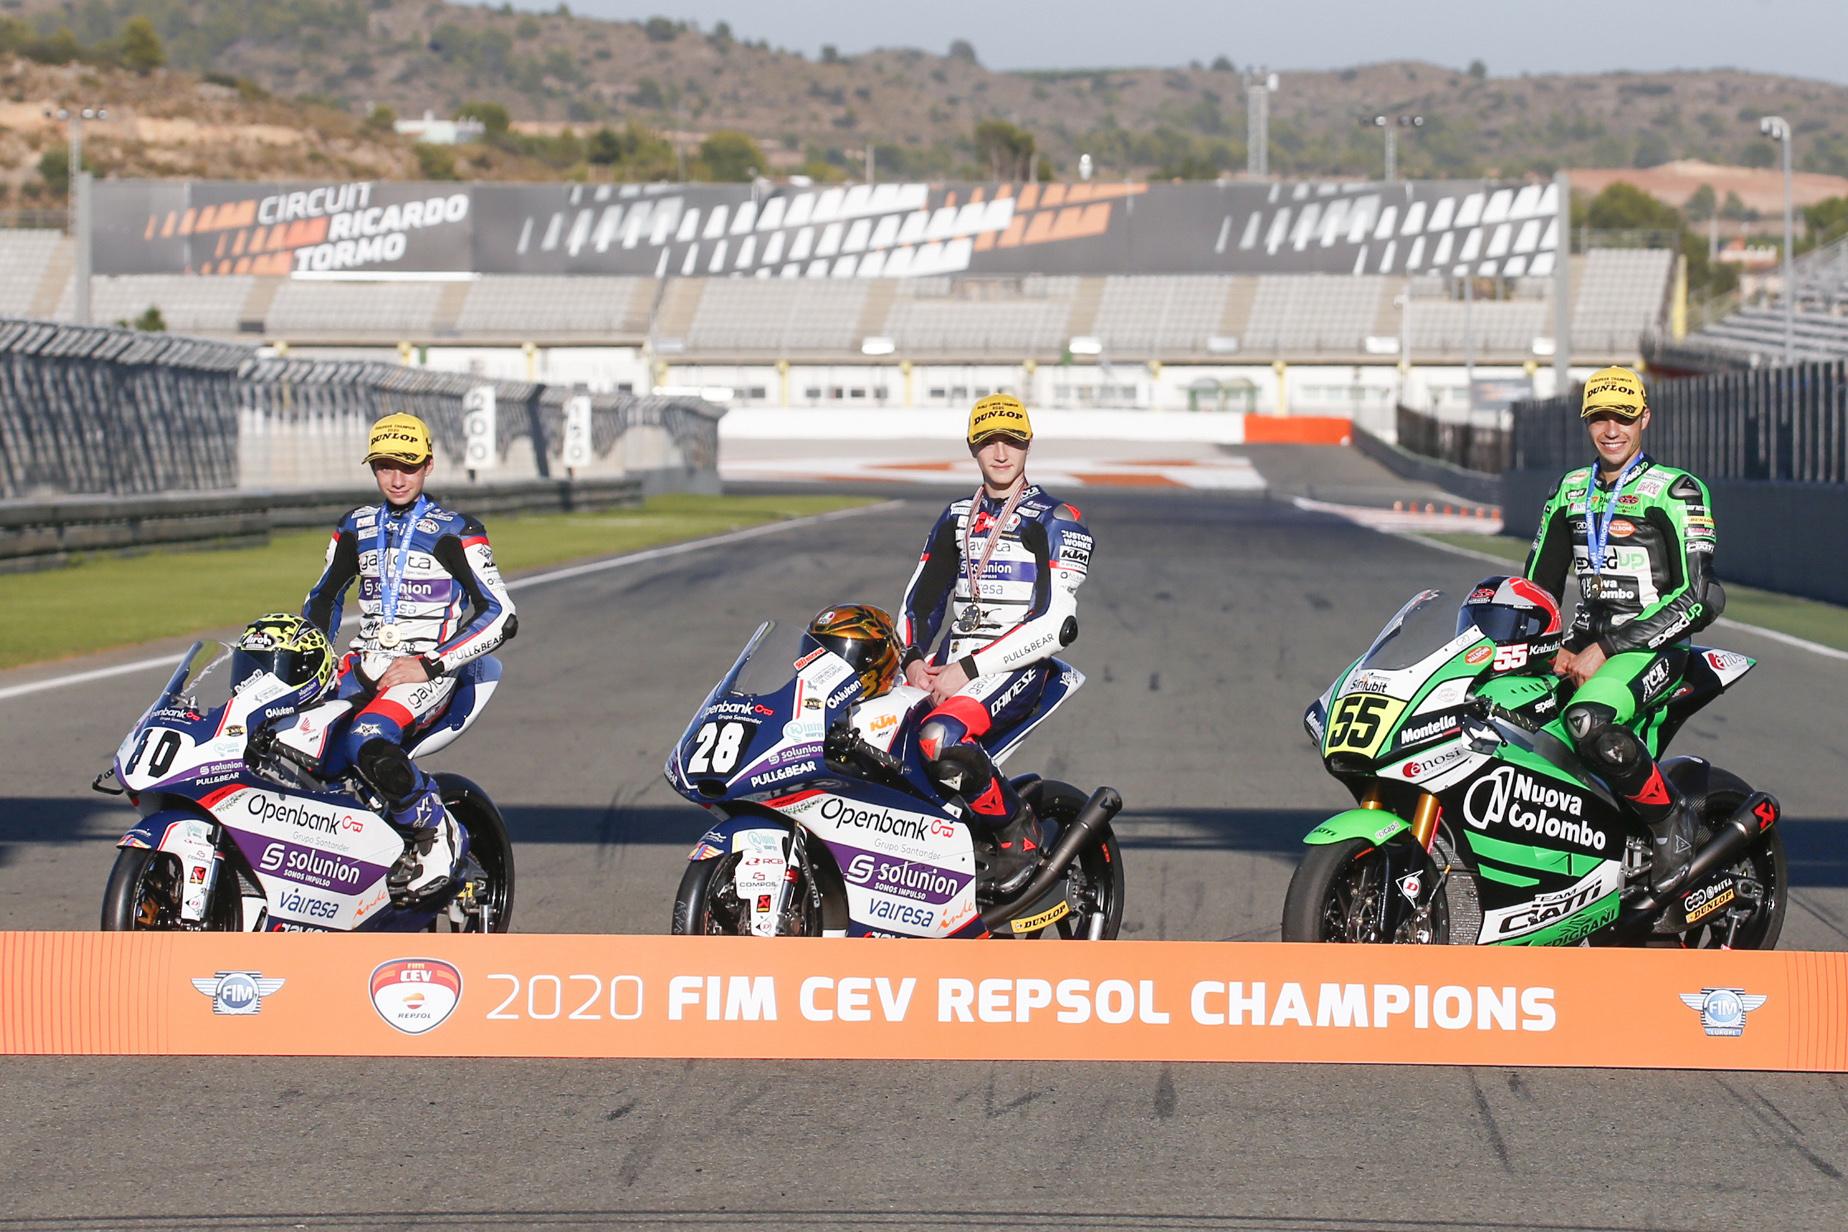 Izan Guevara, Yari Montella y David Alonso, Campeones del FIM CEV Repsol 2020